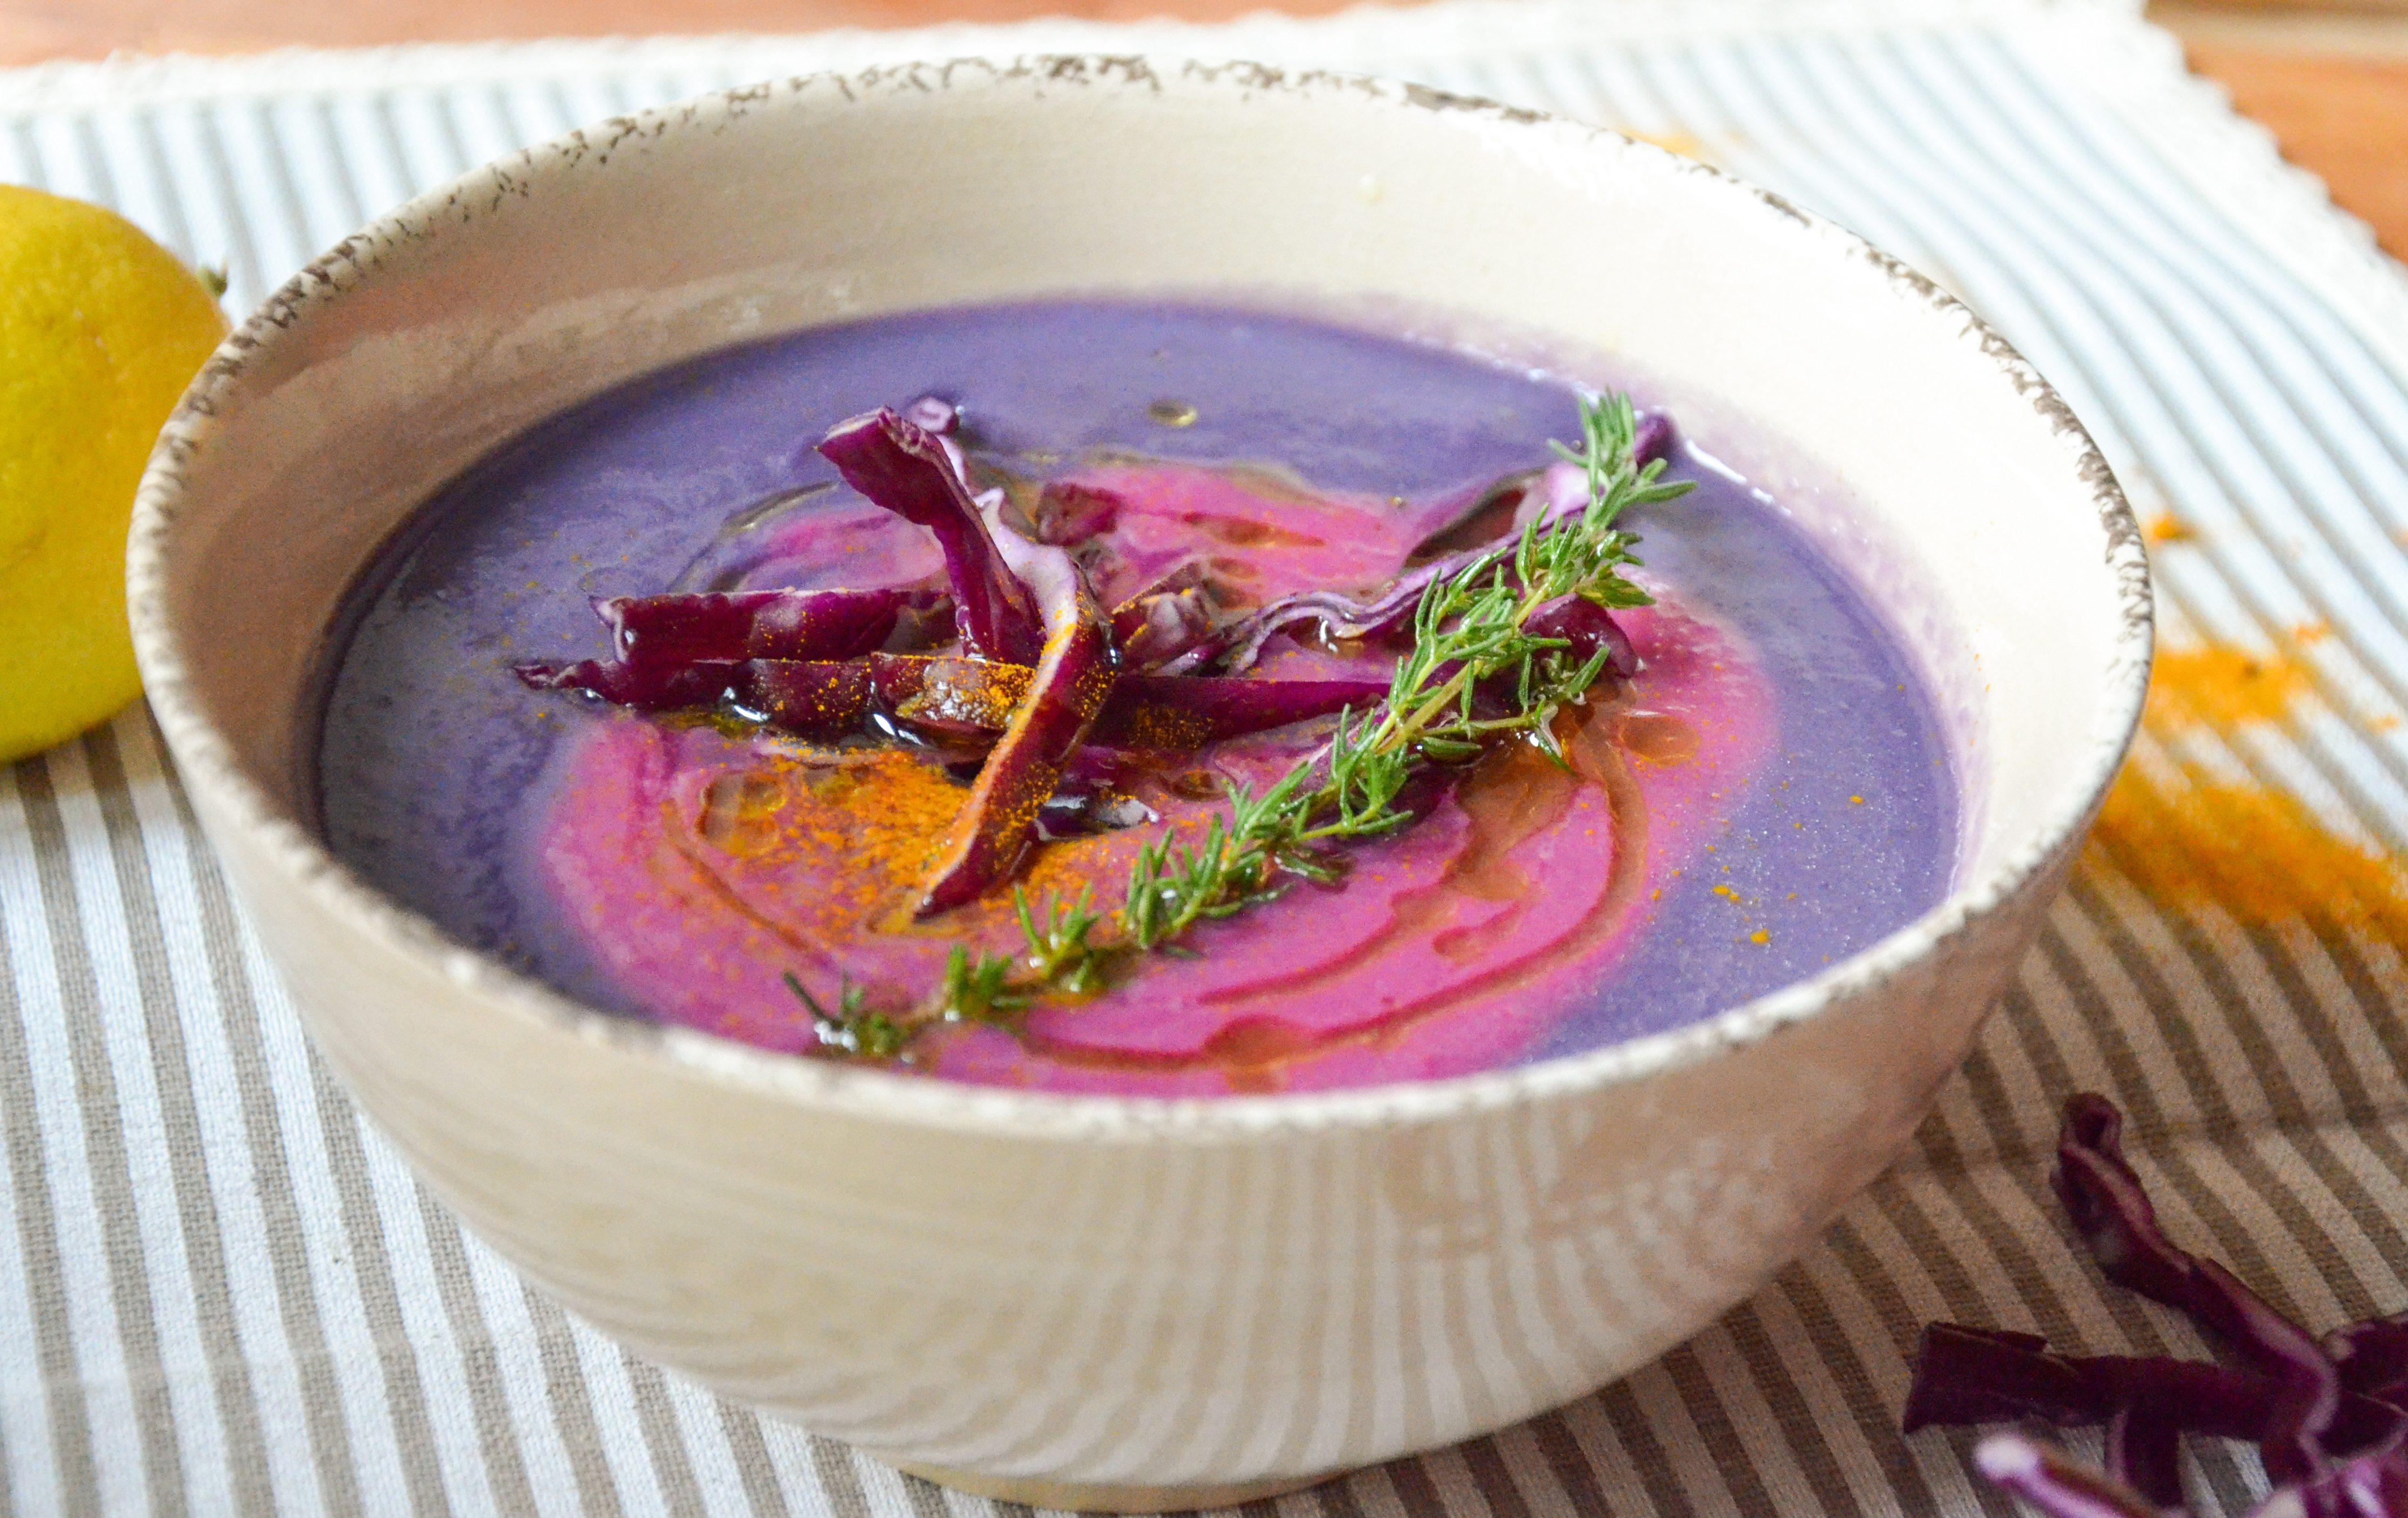 Vellutata di cavolo cappuccio rosso: la ricetta del piatto gustoso e salutare